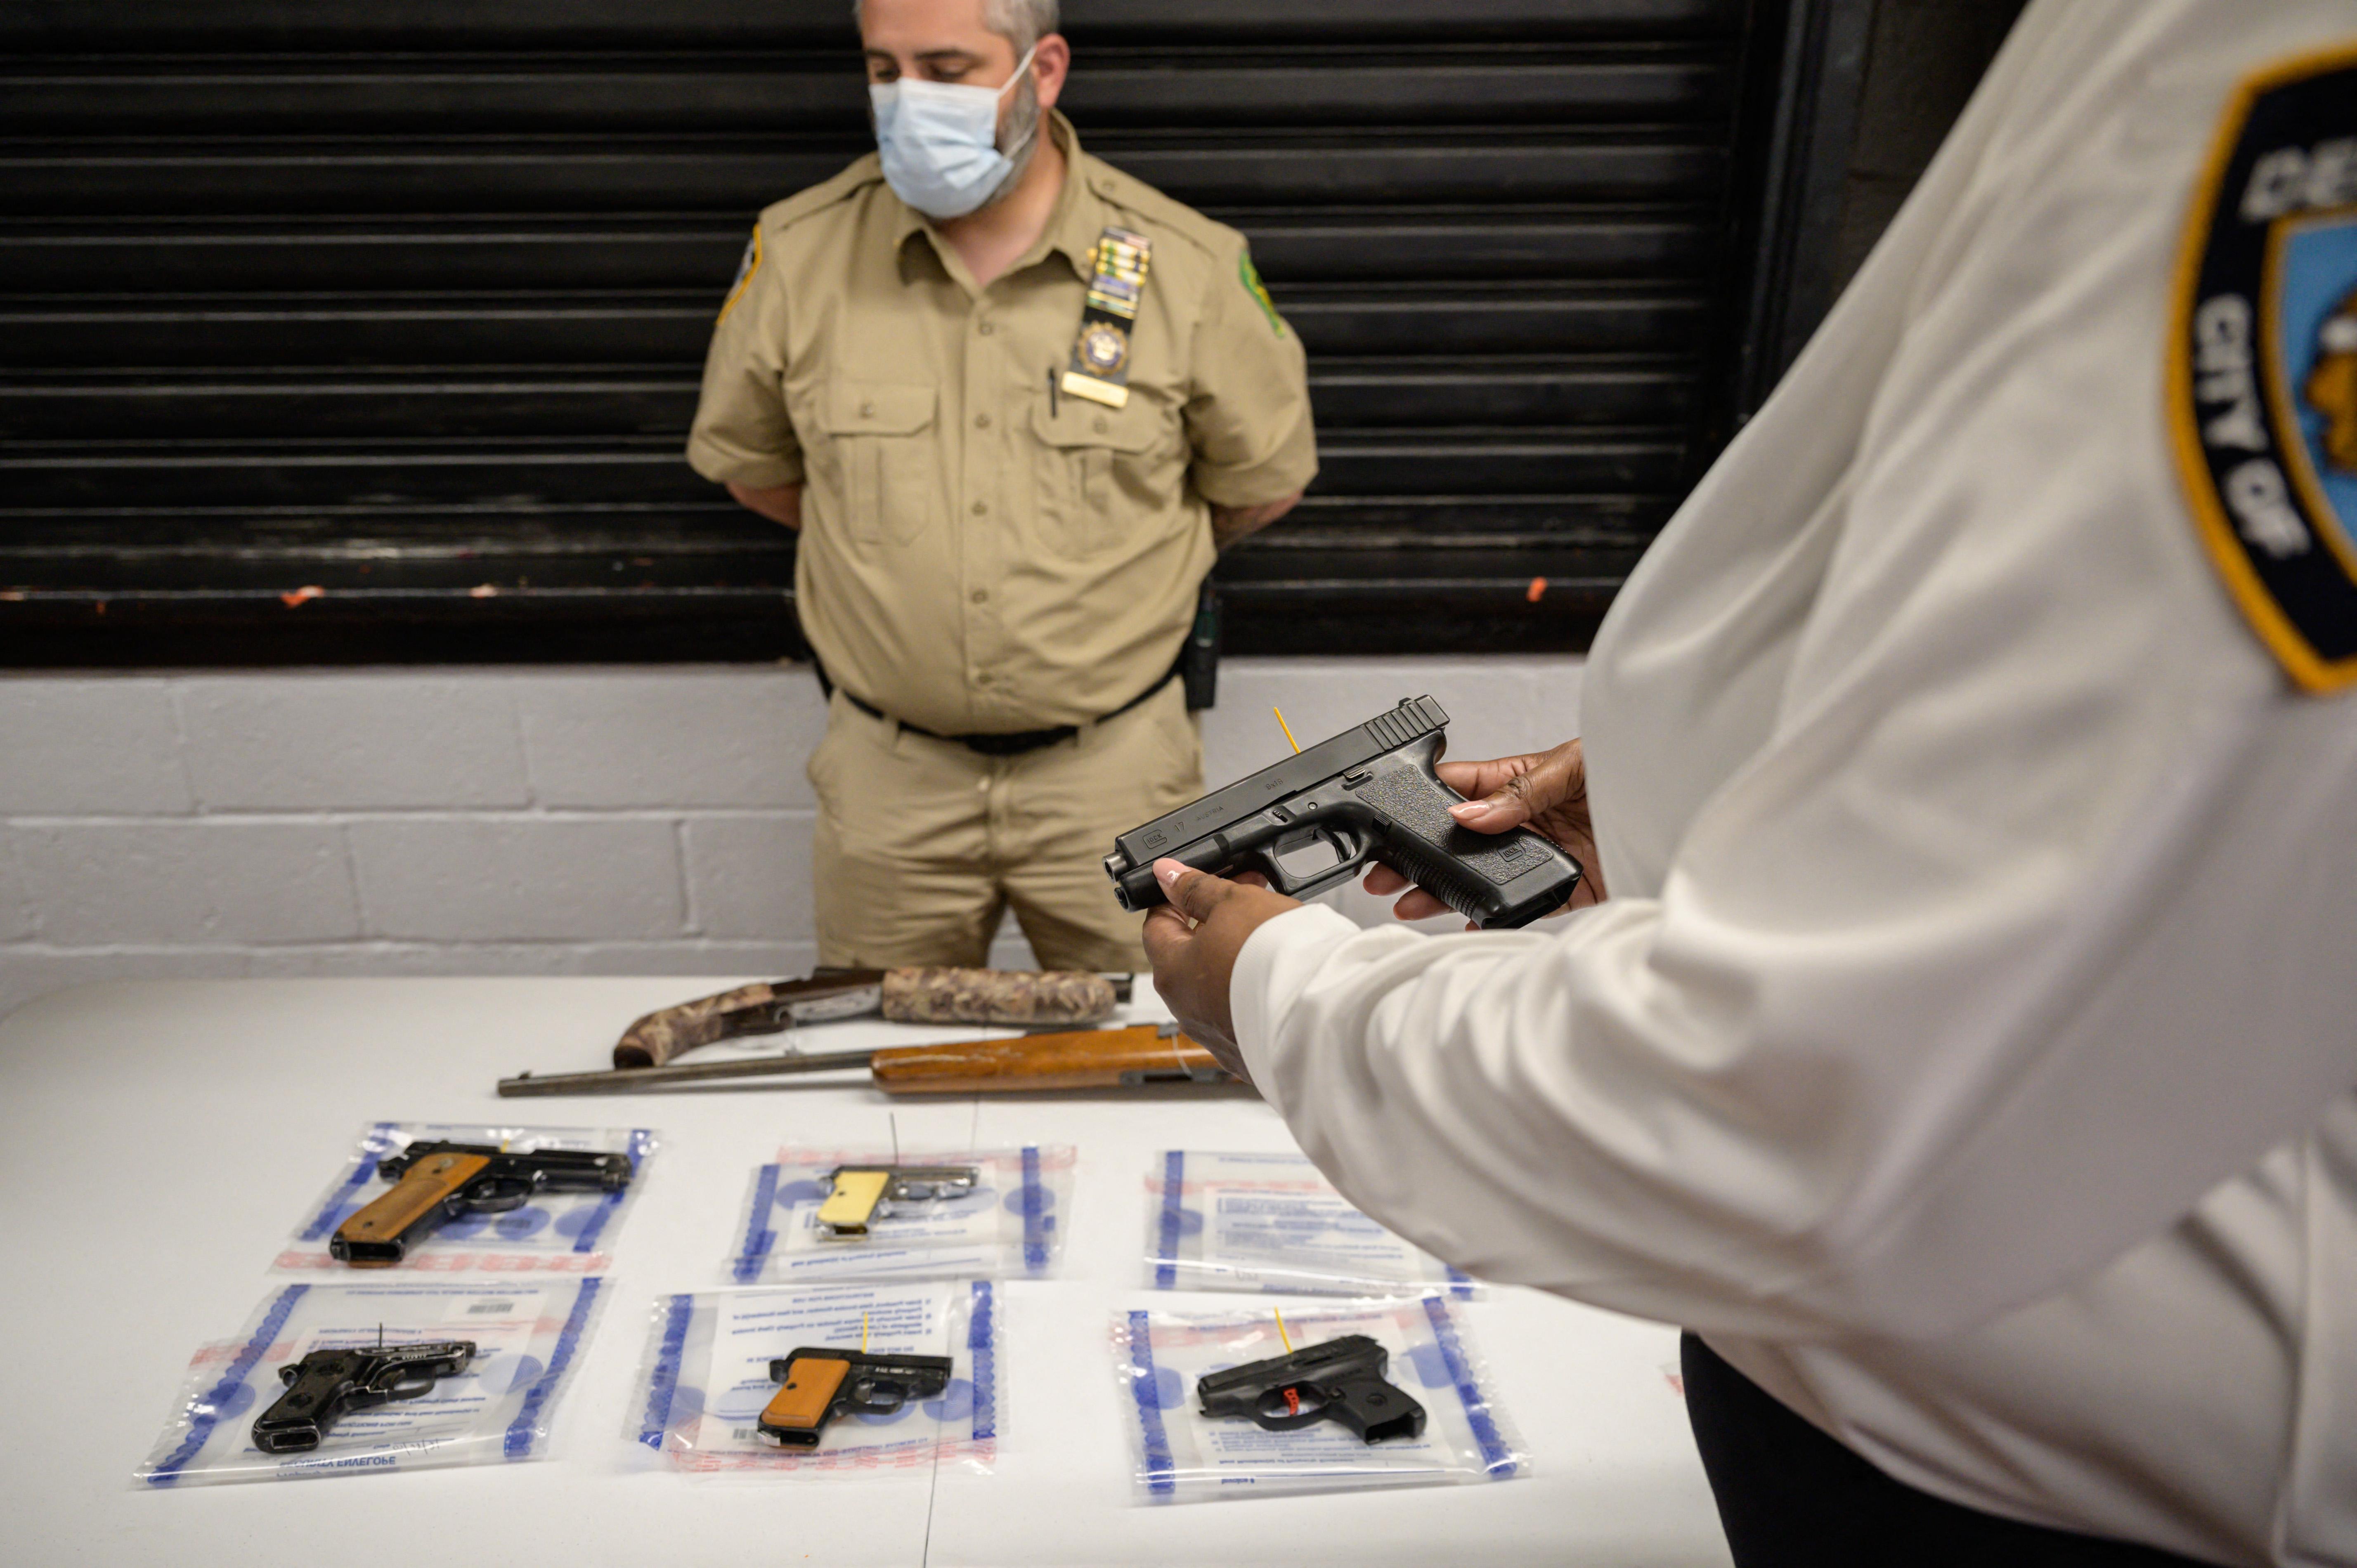 (Nos últimos meses, os Estados Unidos sofreram uma série de tiroteios em massa. Foto: Ed JONES / AFP)